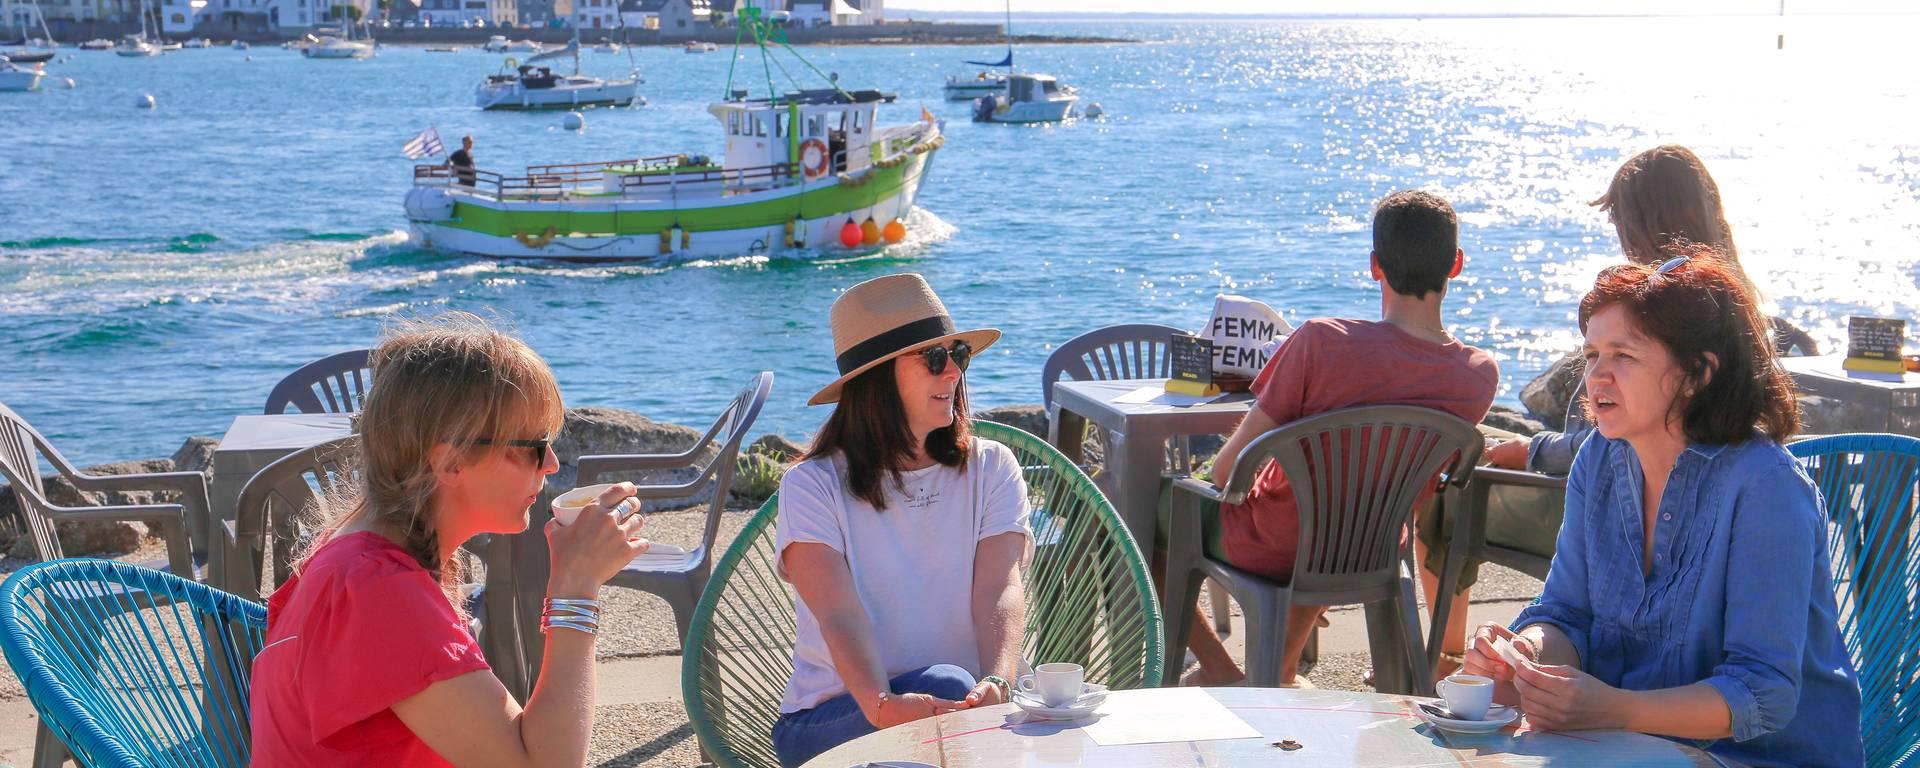 Boire un café en terrasse face à la mer à Loctudy. © E. Cléret